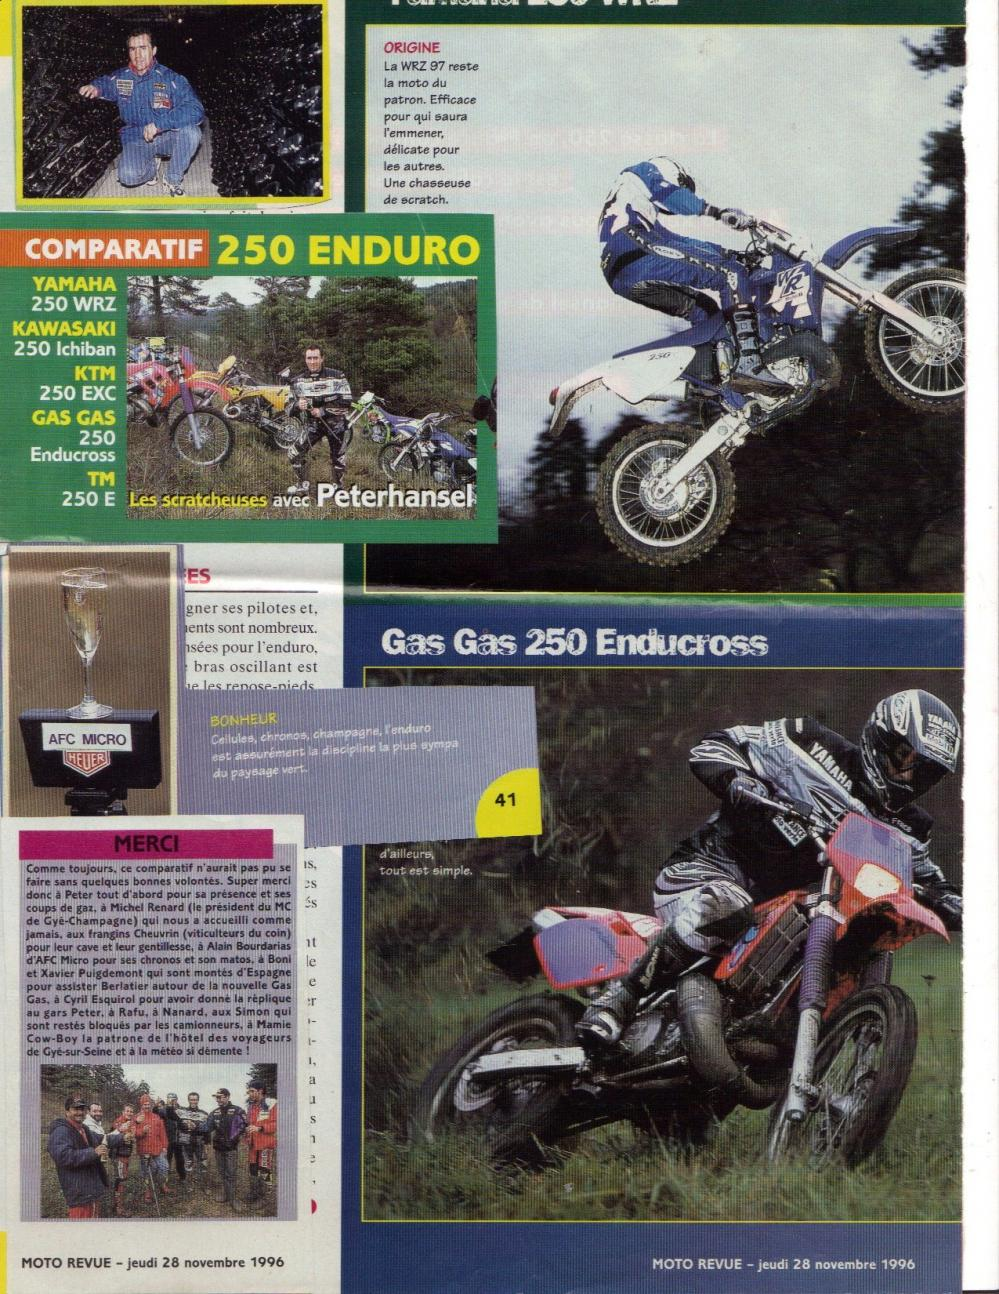 Essai mj 11 1996 3